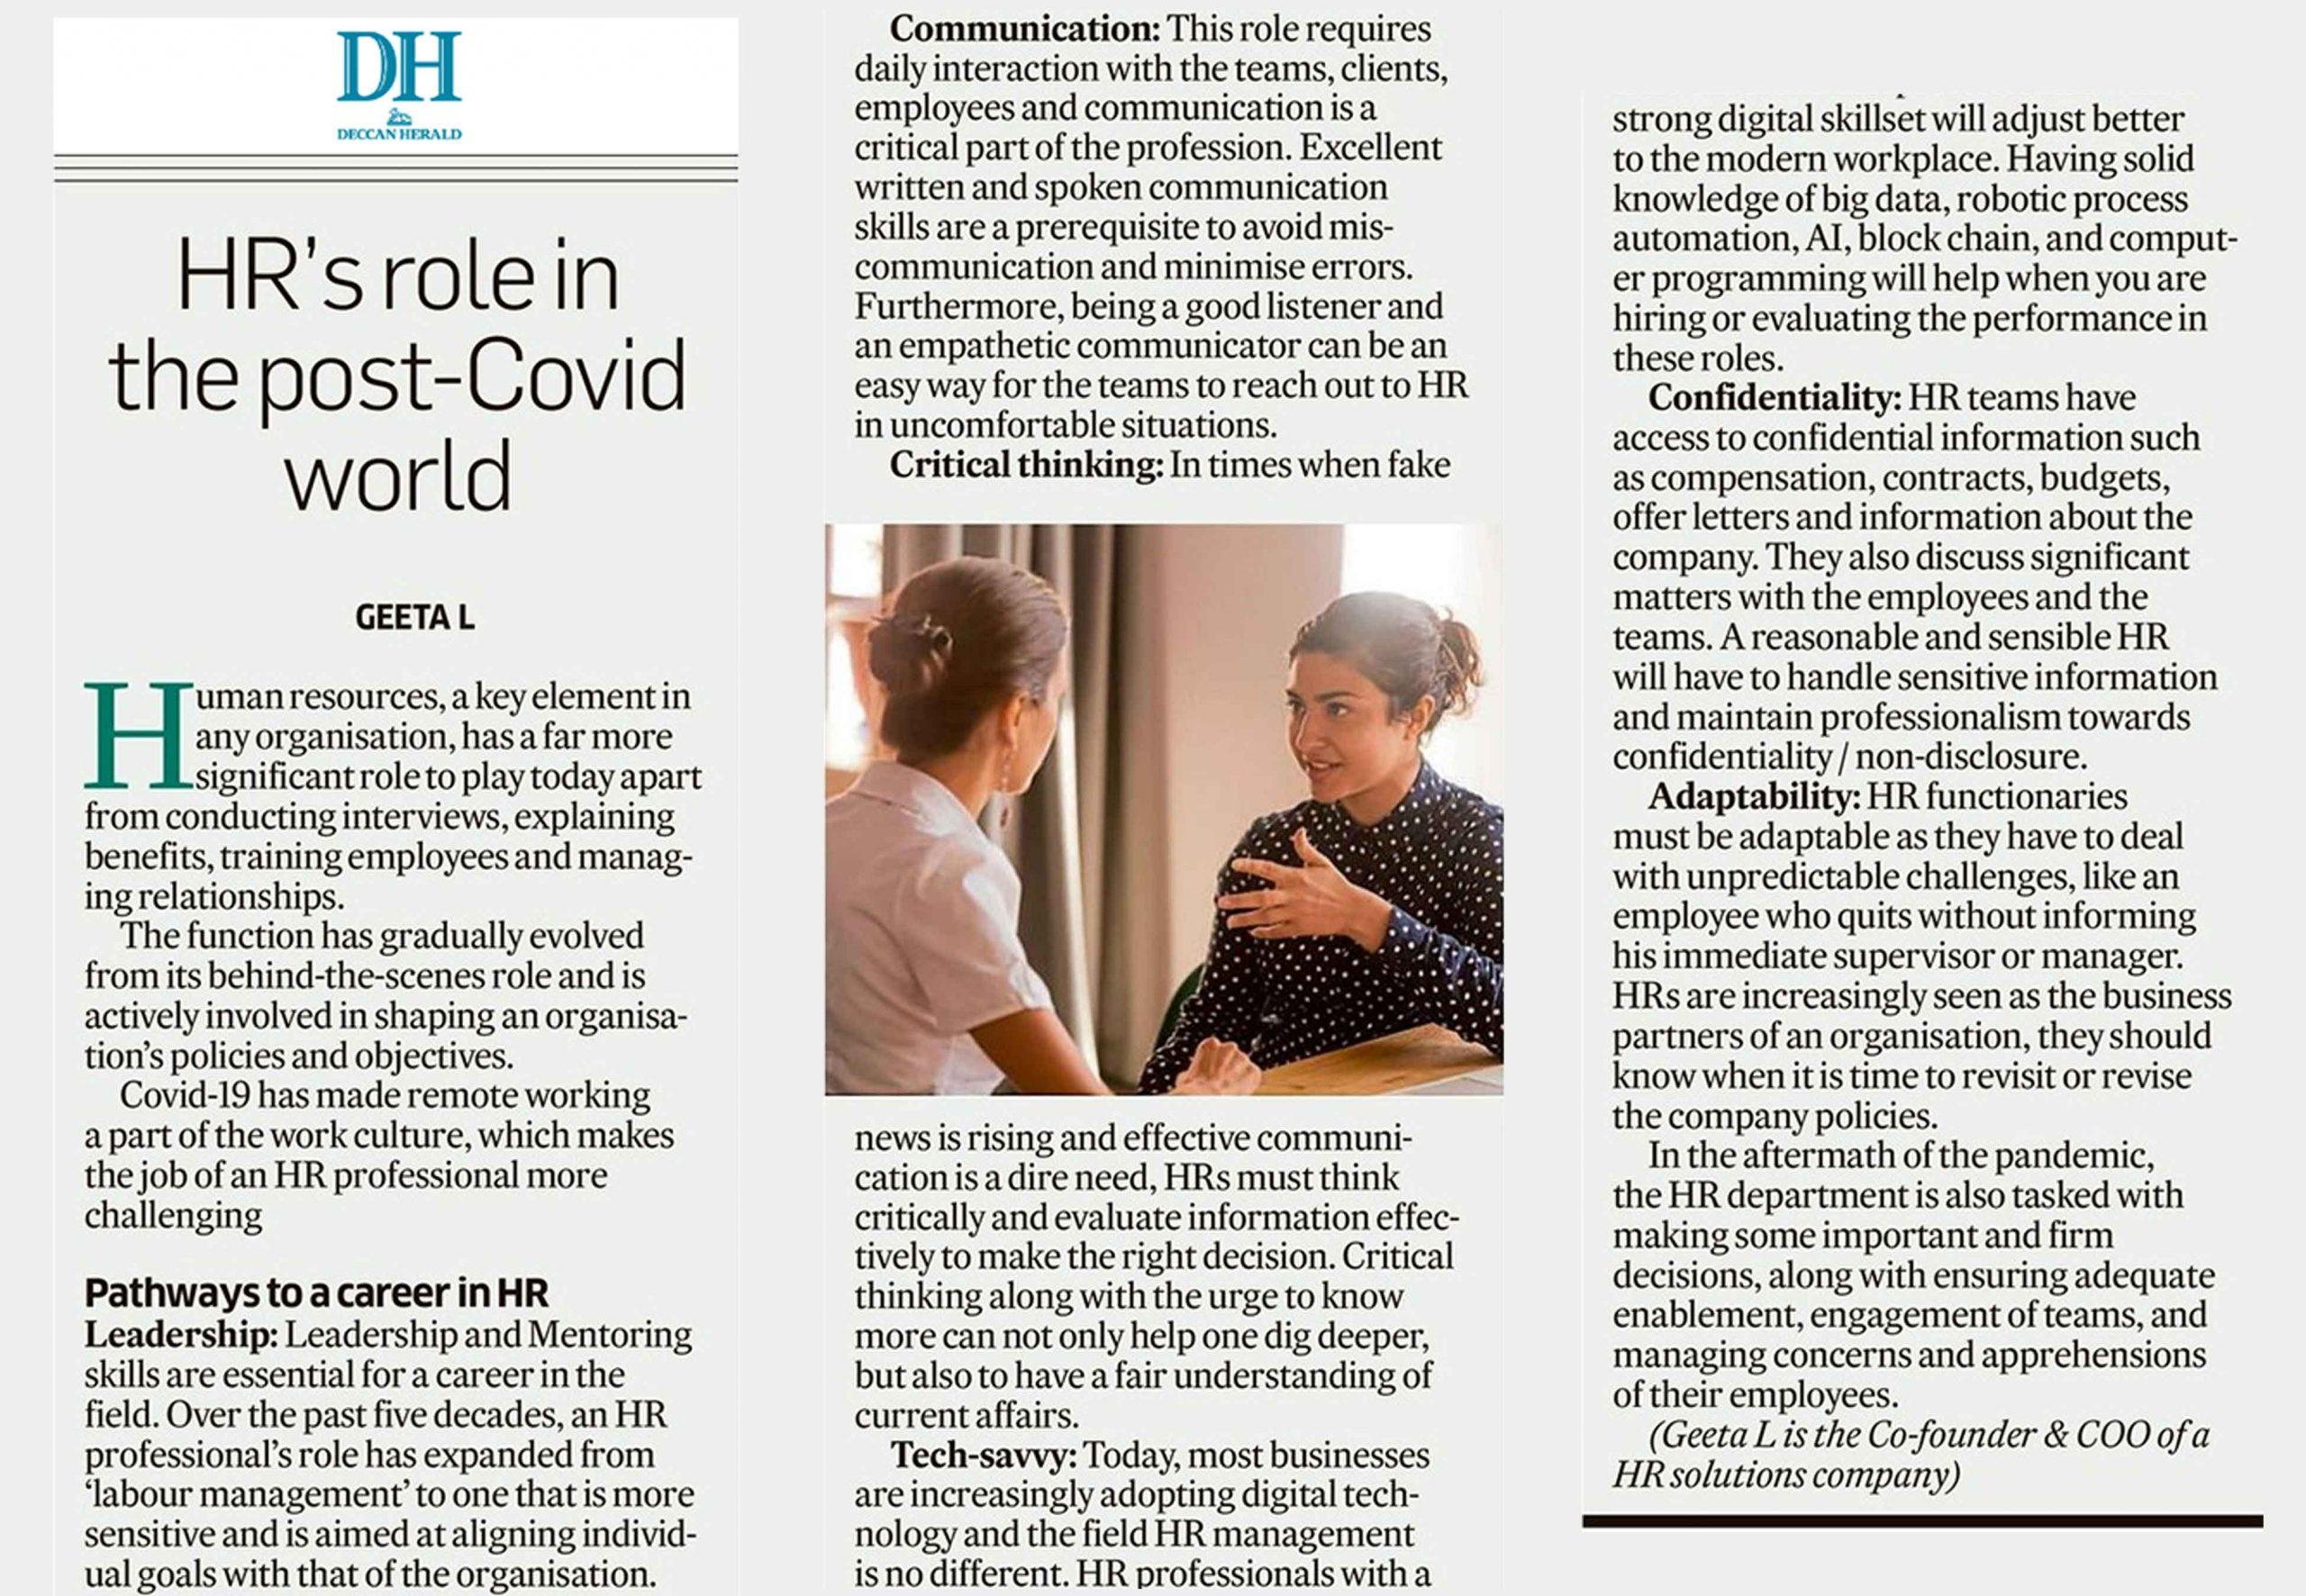 Deccan Herald newspaper article